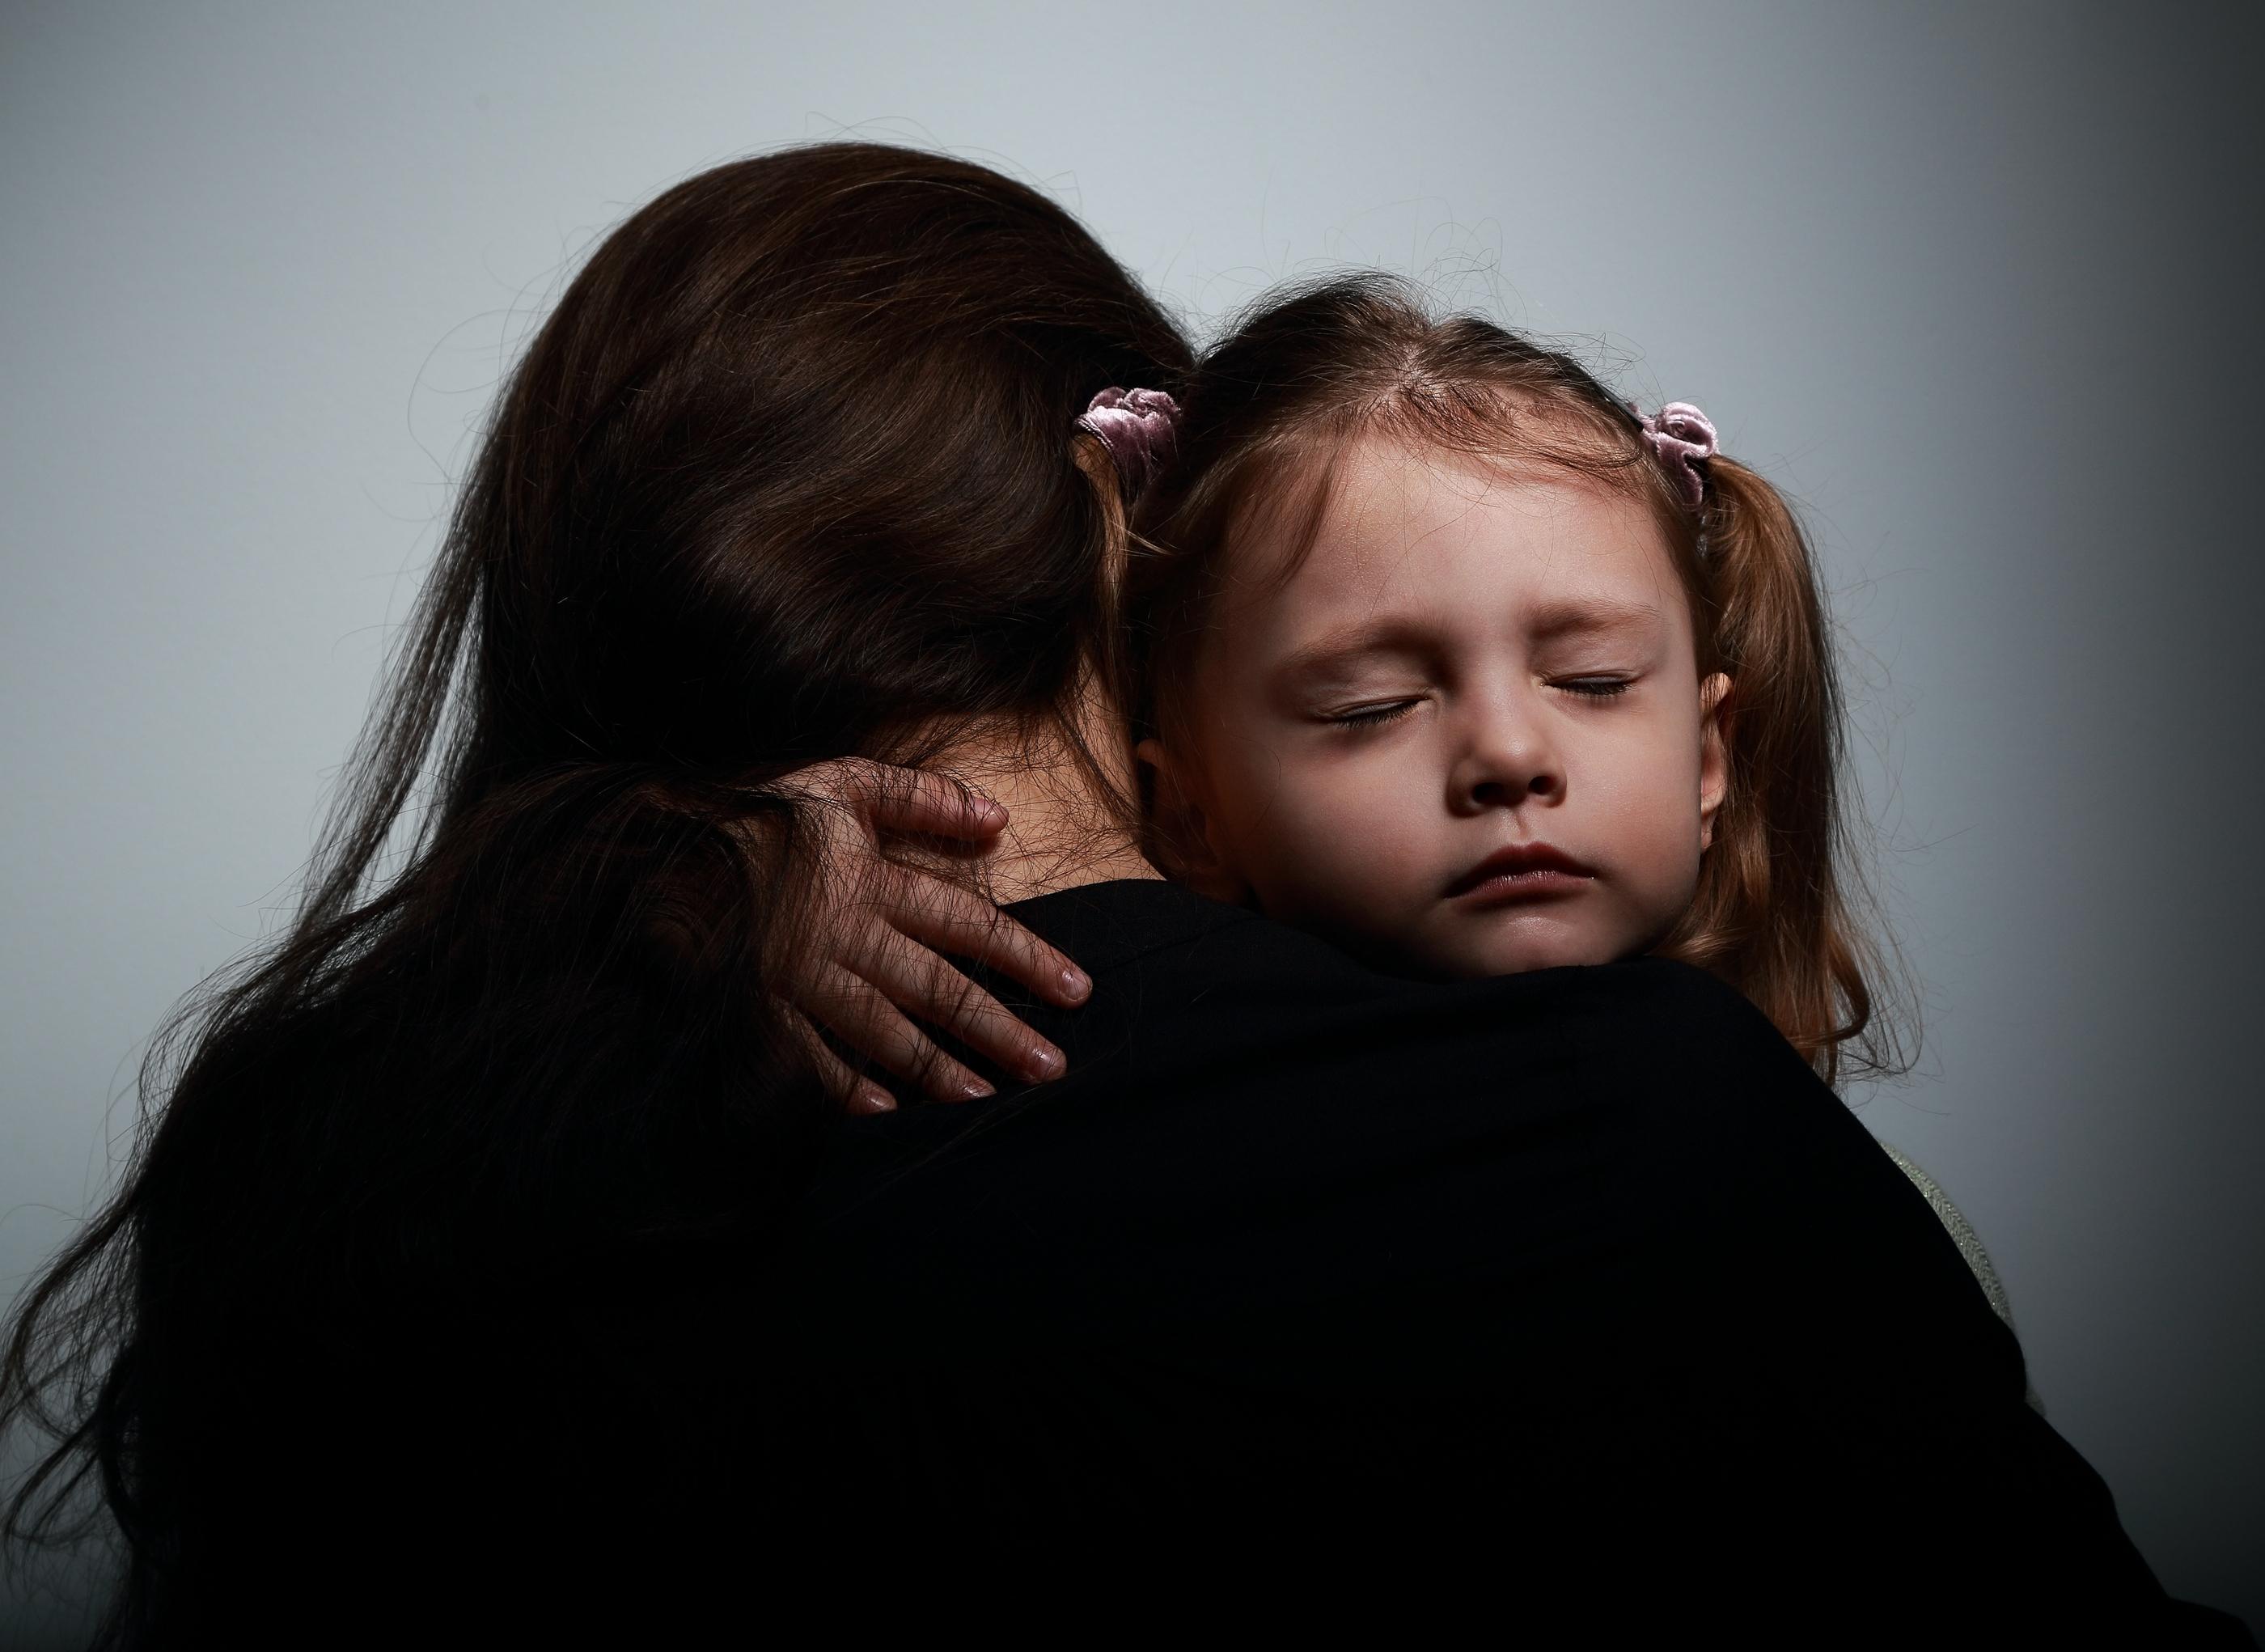 Мама с ребенком фото черно-белое